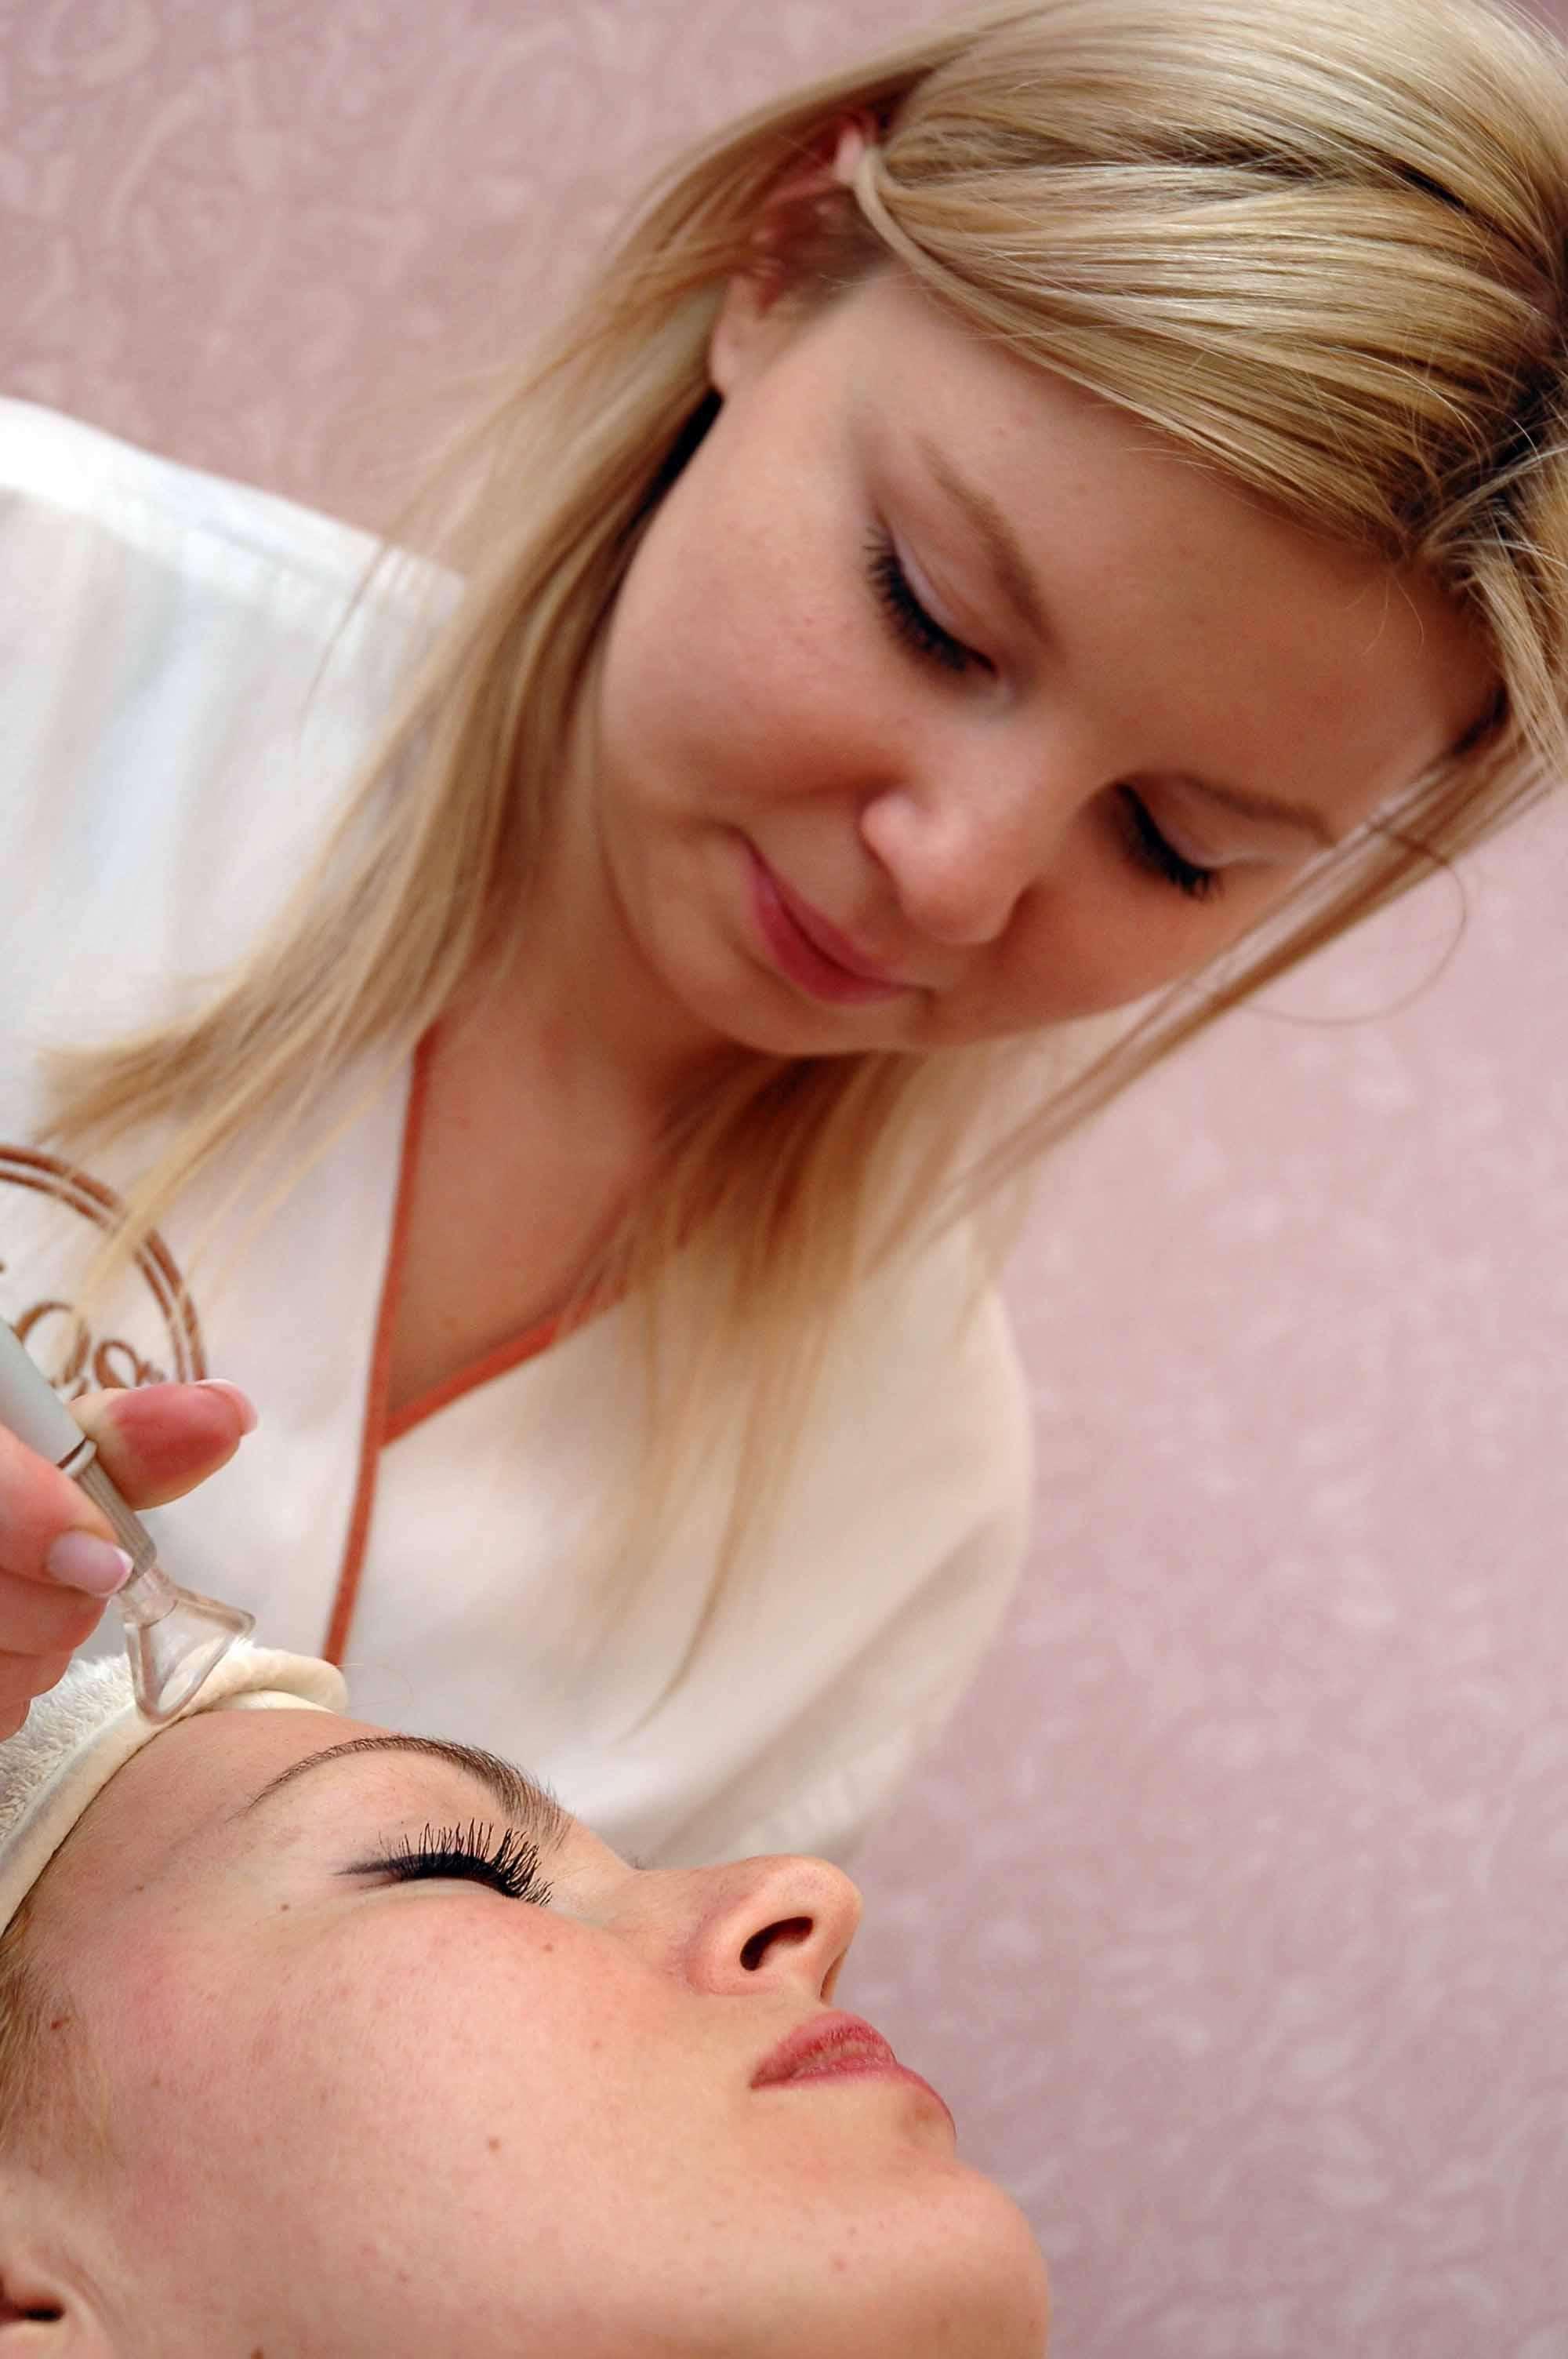 Влияние гигиенической чистоты и ее отсутствия на аллергию